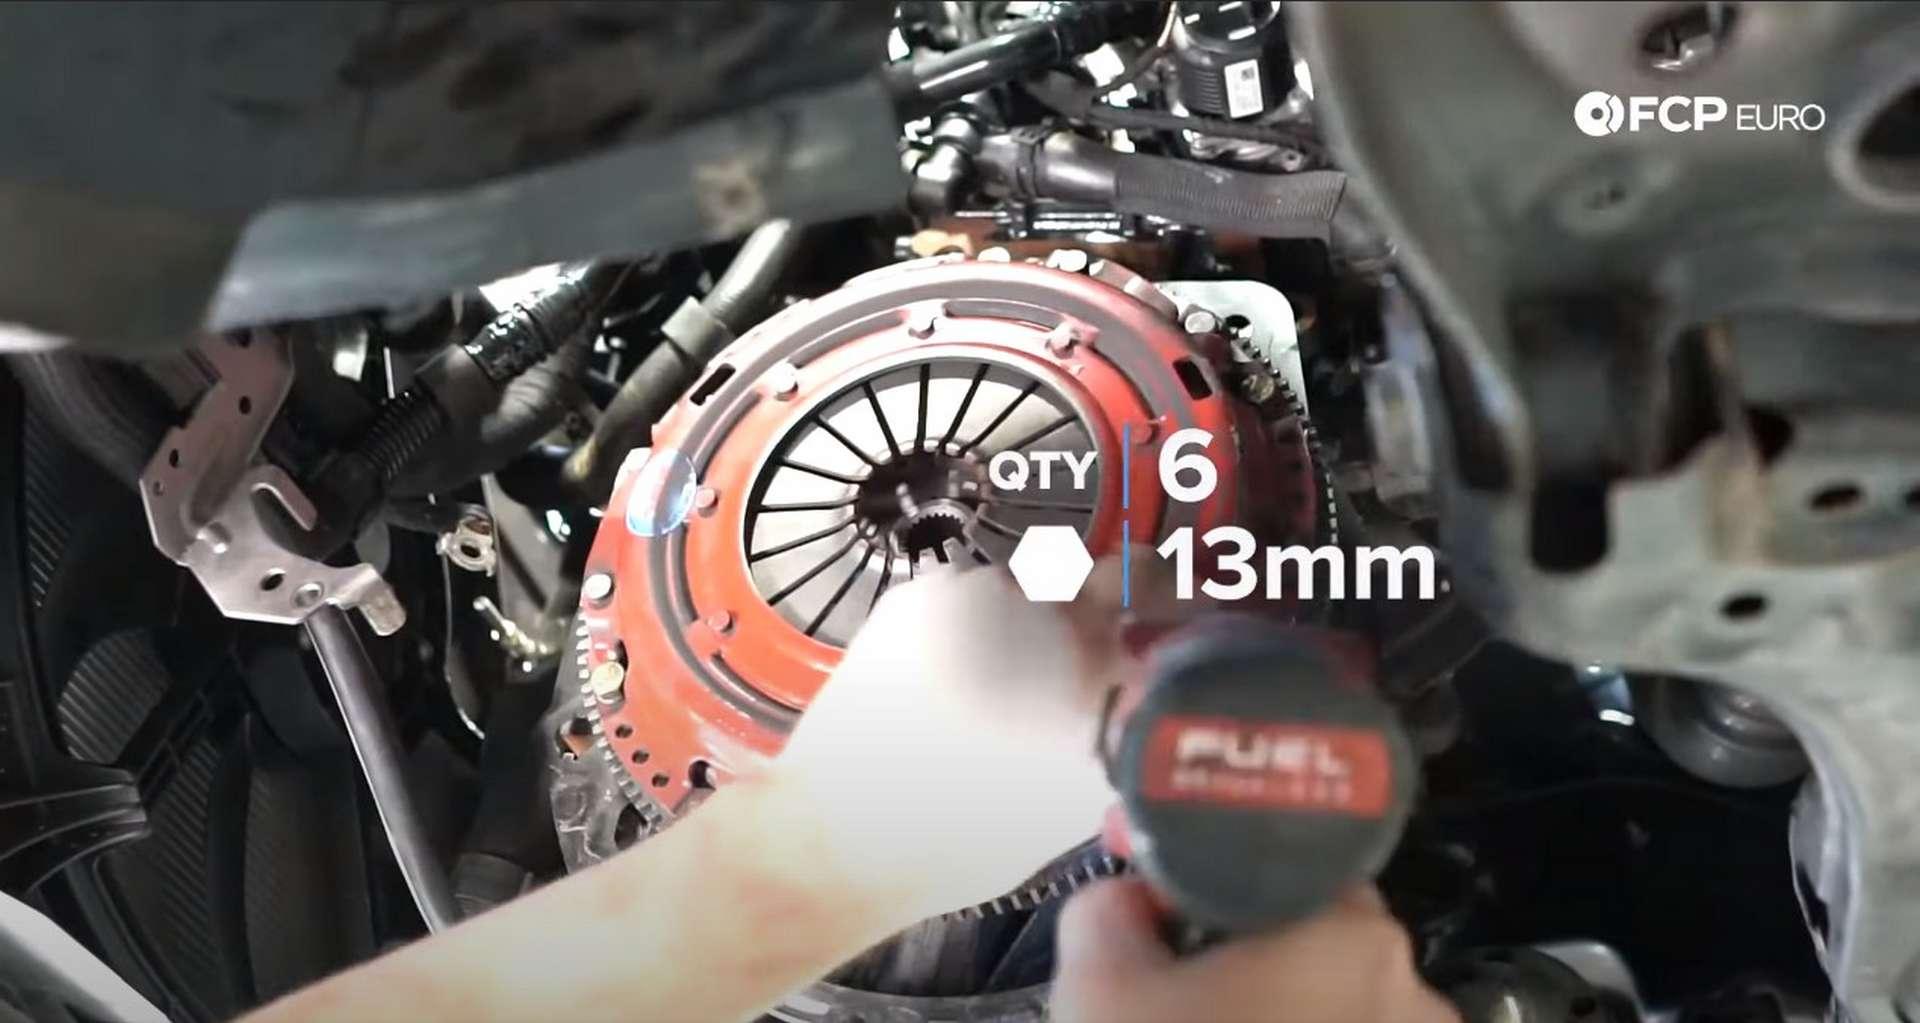 45-DIY_VW_GTI_Clutch-Job-Removing-Clutch